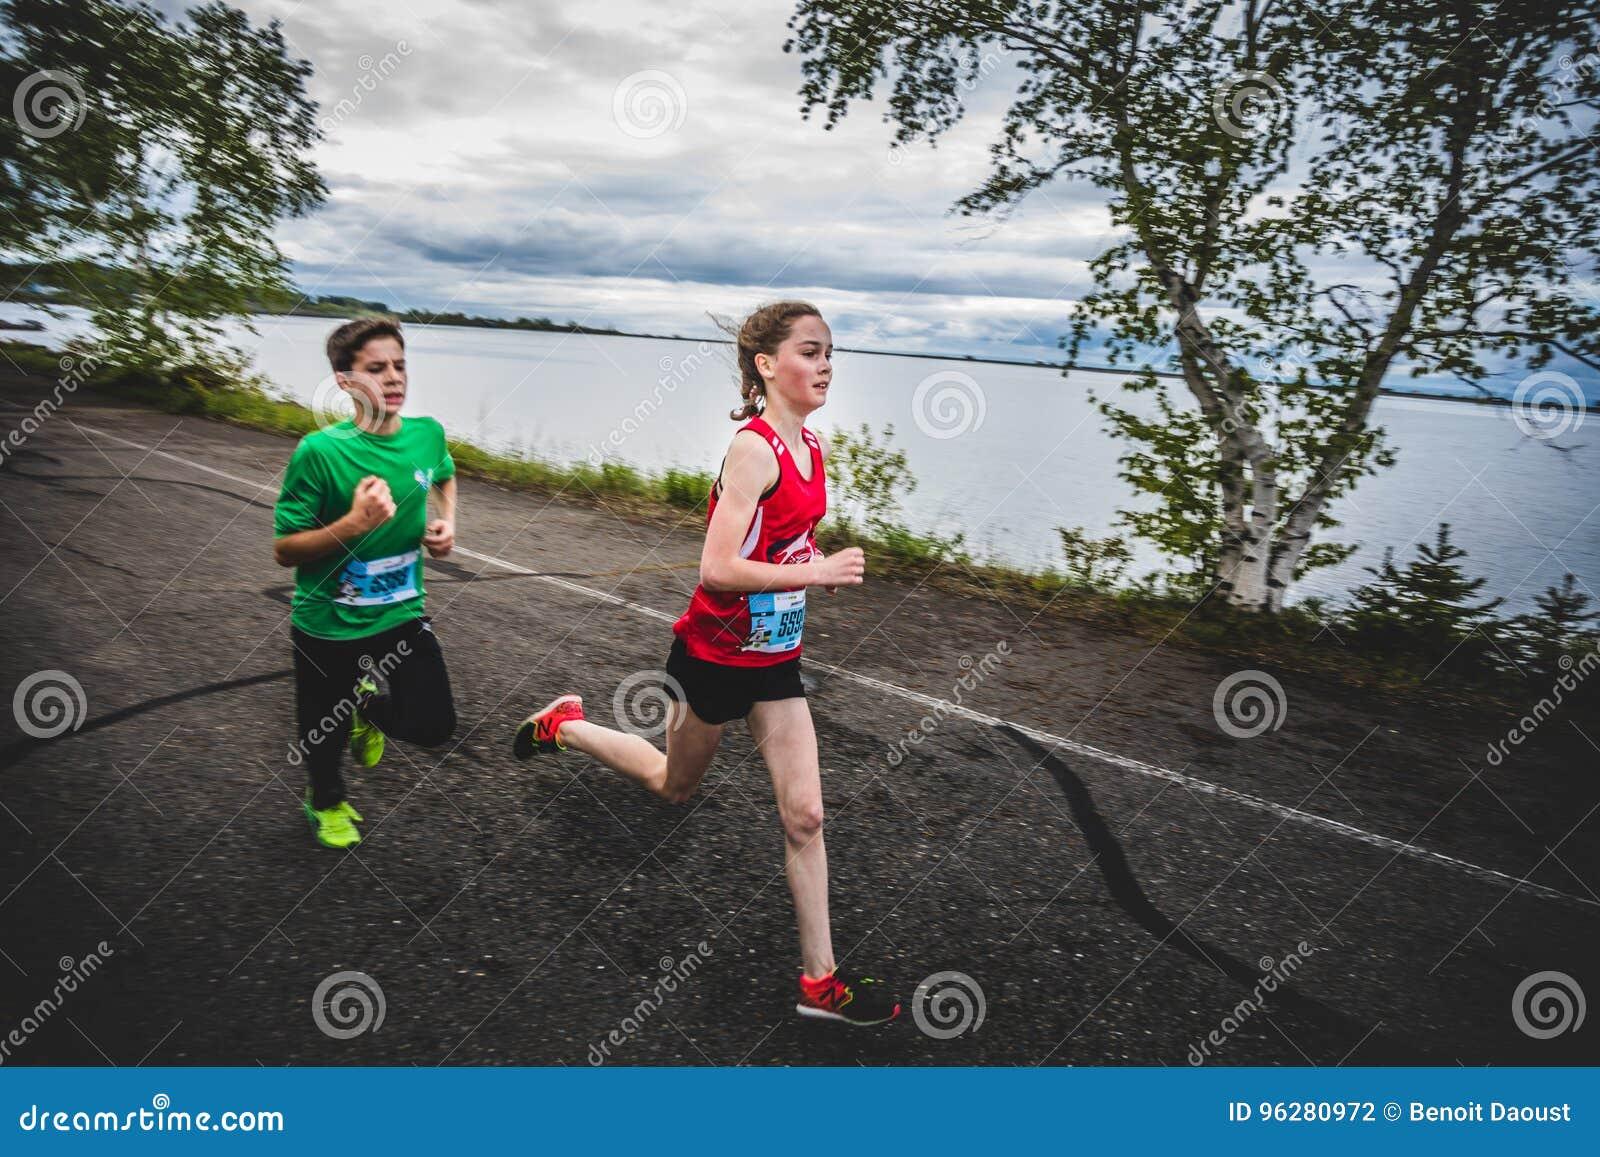 Gruppo di giovani corridori e di bambini che corrono insieme